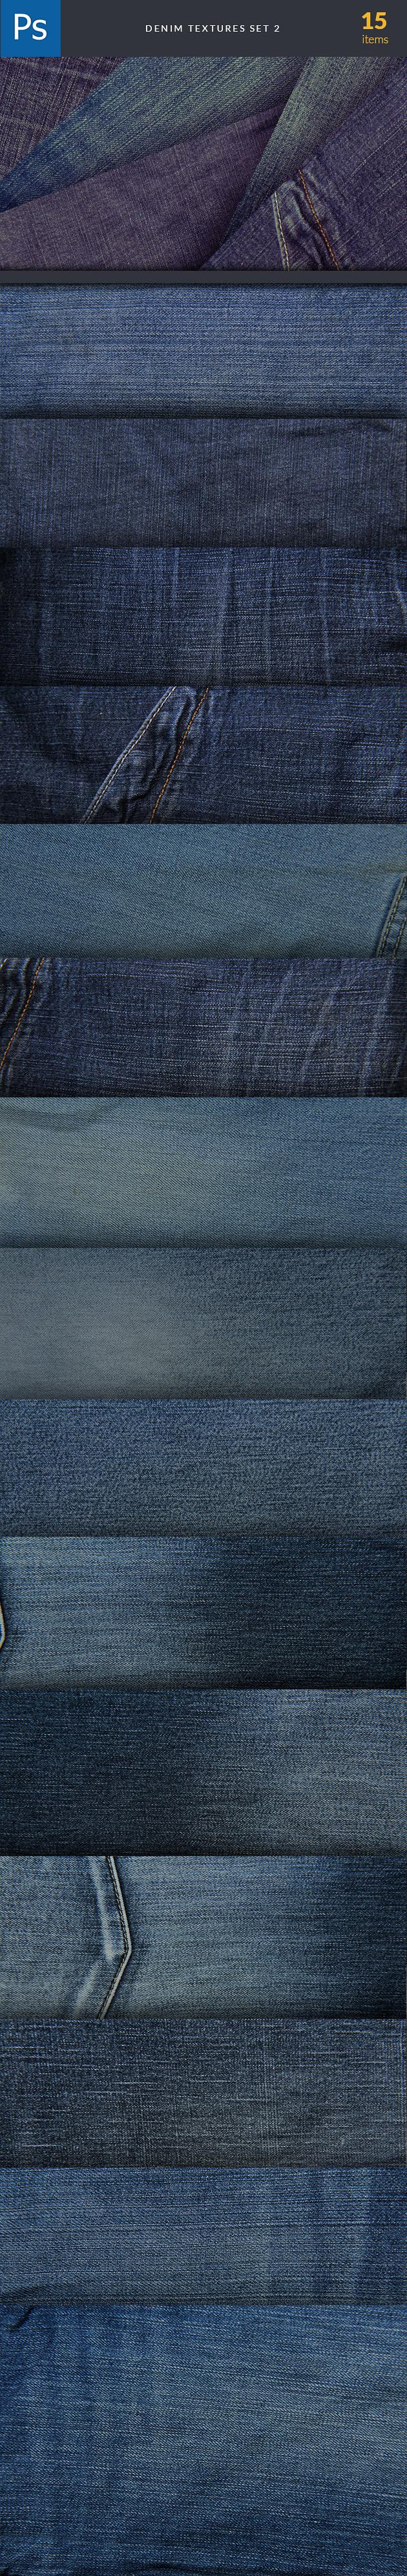 designtnt-textures-denim-set-2-preview-large